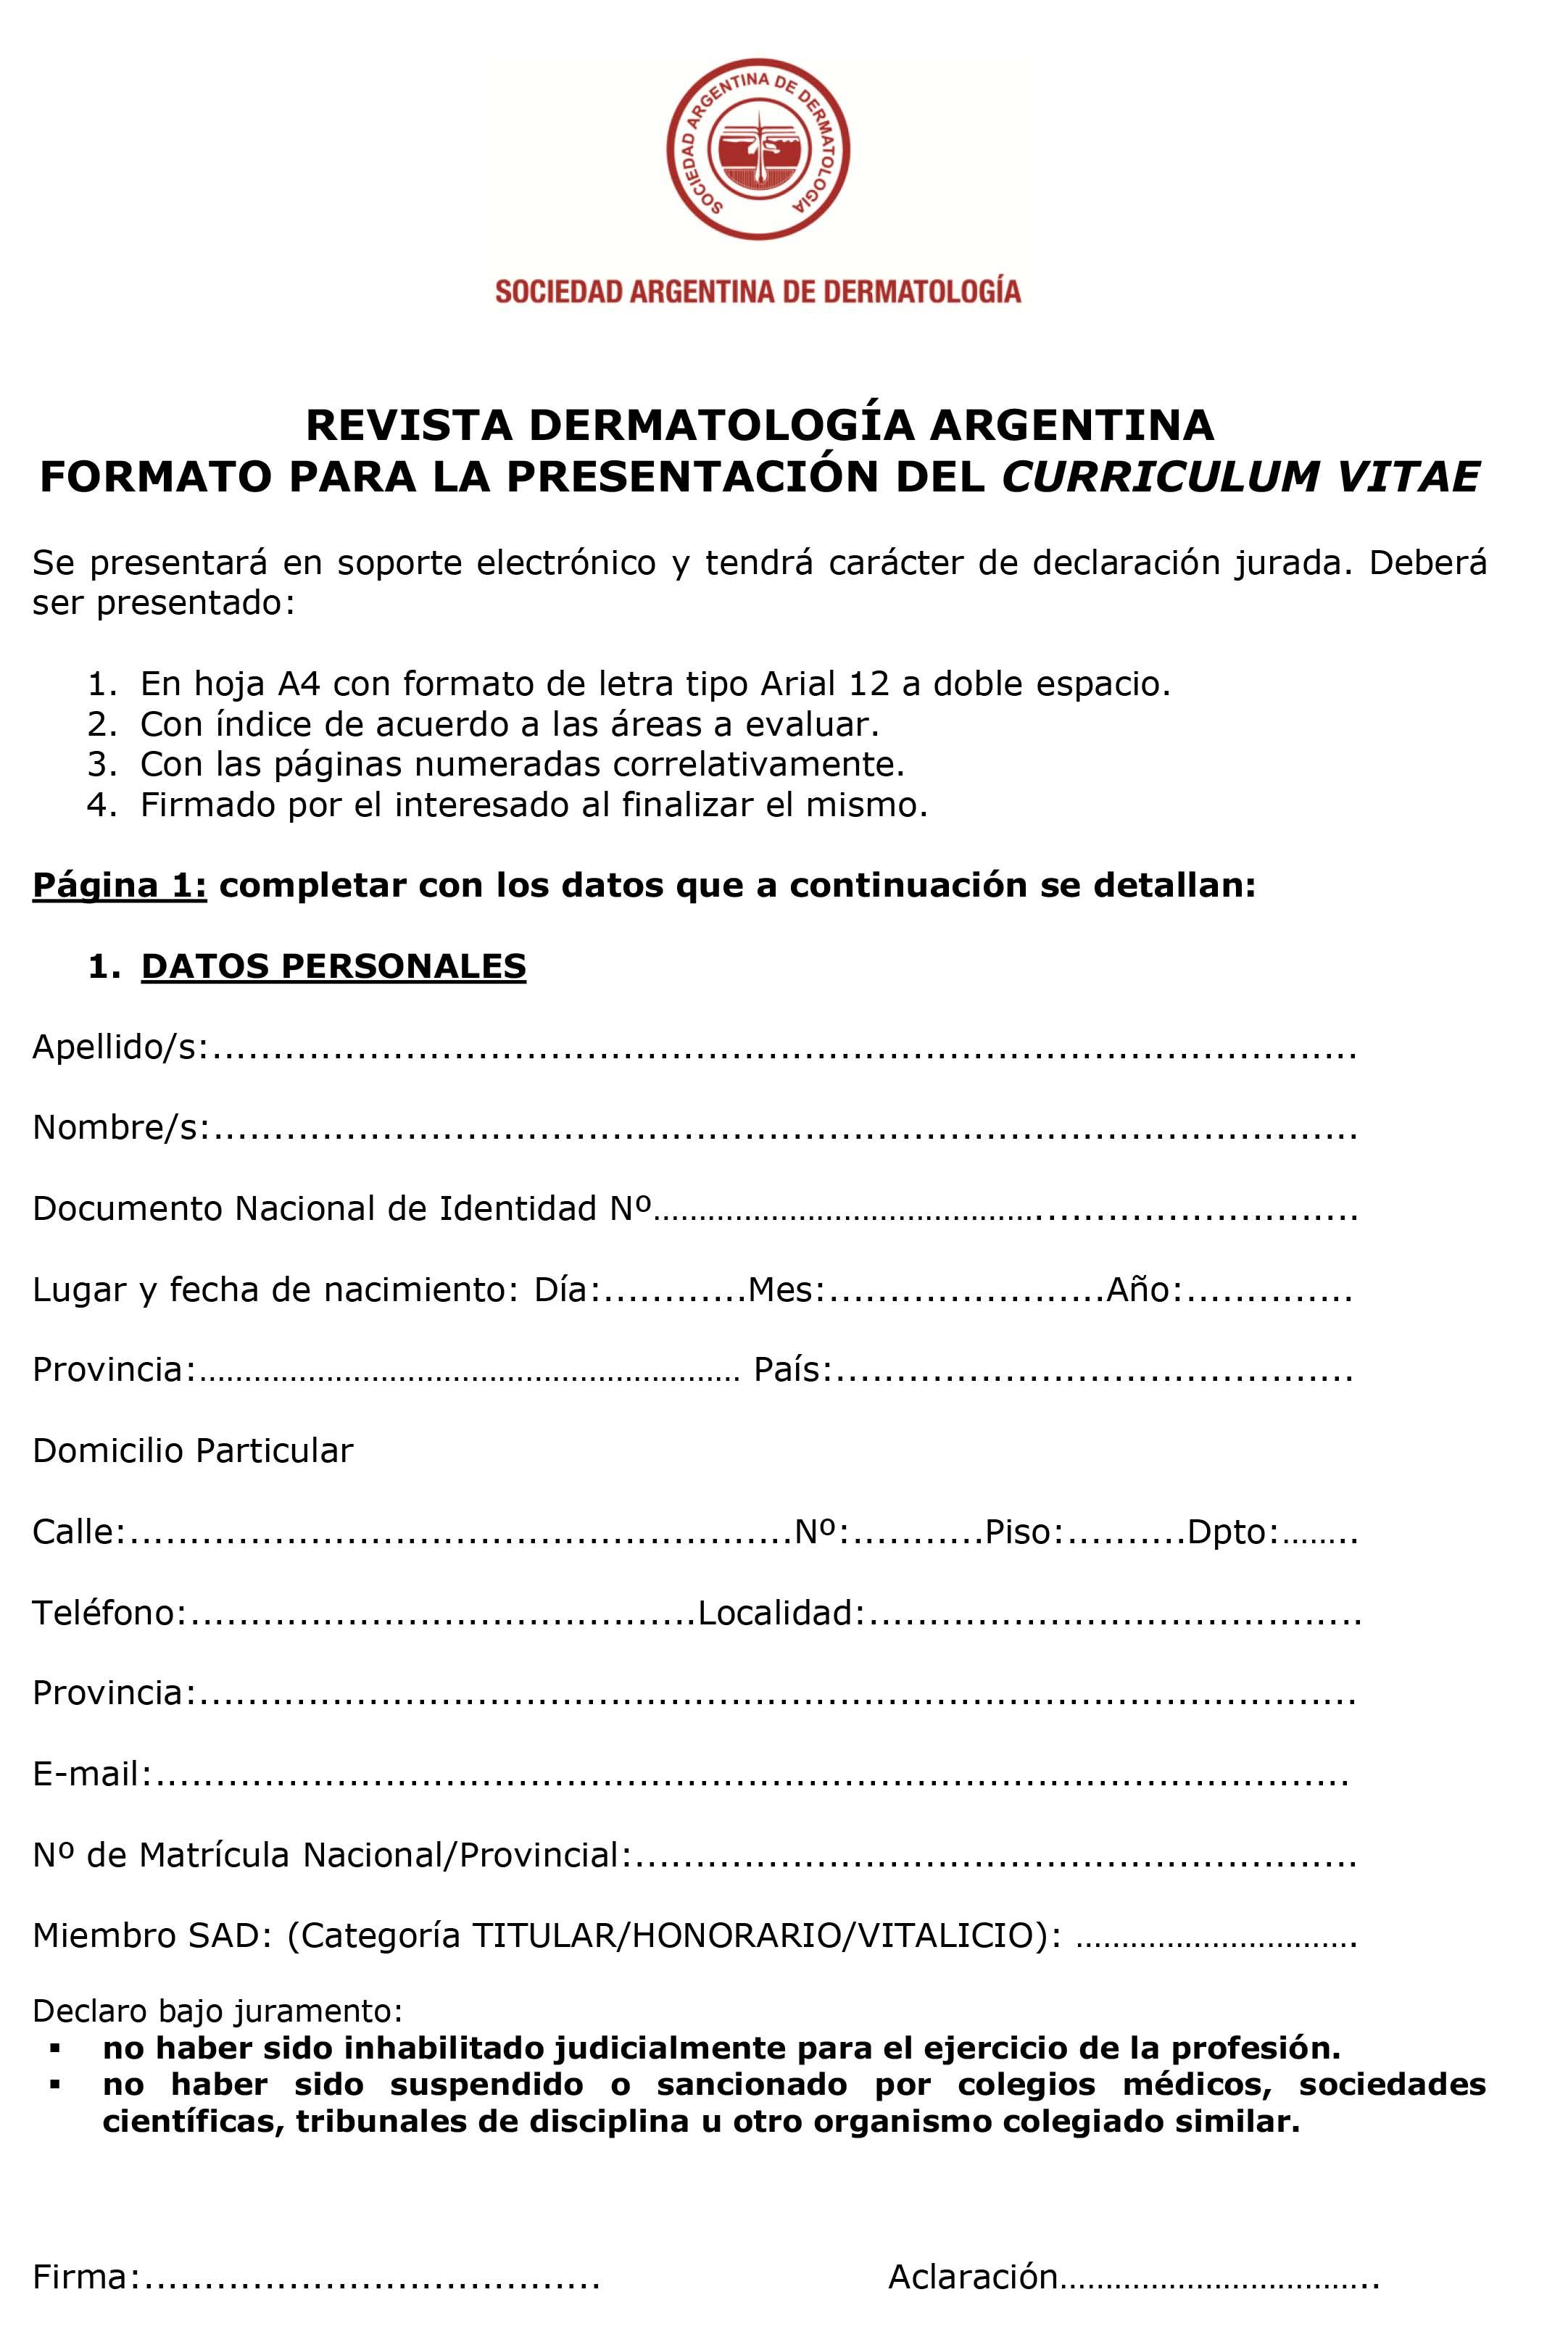 Formato para la presentación del CV pág. 1